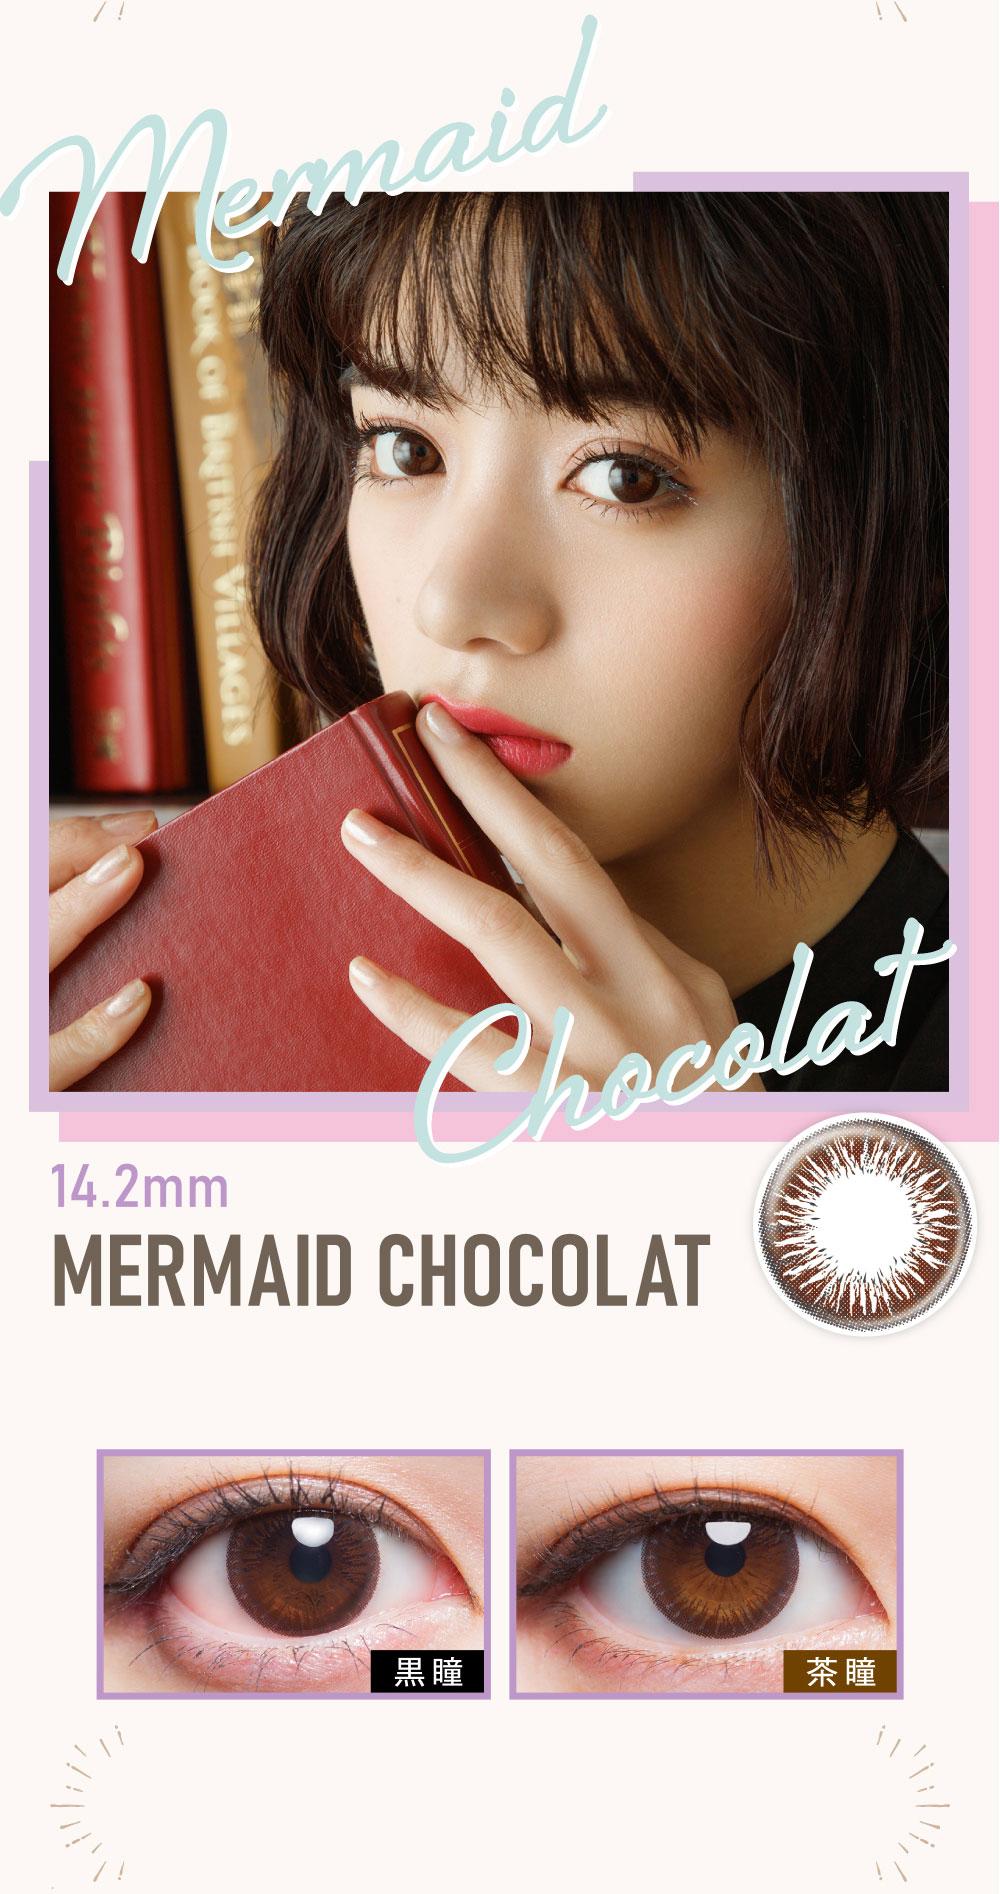 MERMAID CHOCOLAT